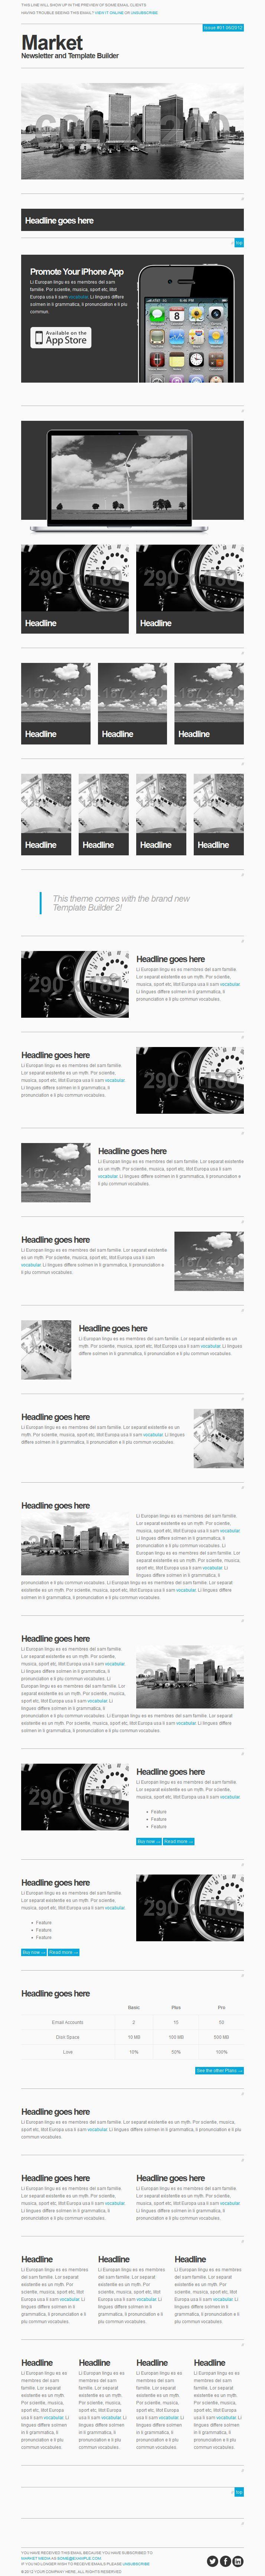 http://3.s3.envato.com/files/51184574/02_market-newsletter-and-template-builder-v01.jpg